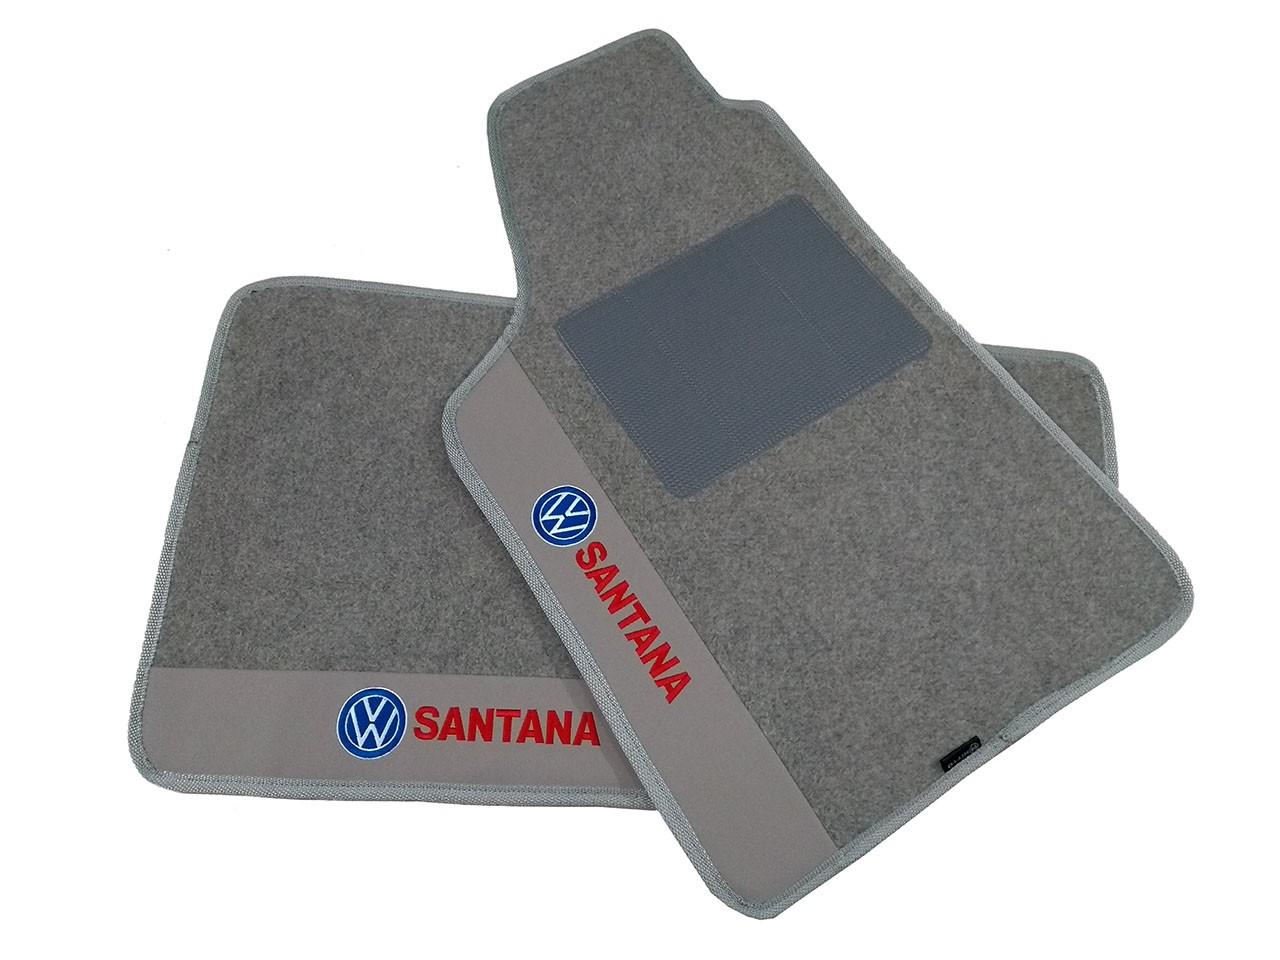 Kit Tapete Carpete Luxo Base Pinada Personalizado Vw Santana